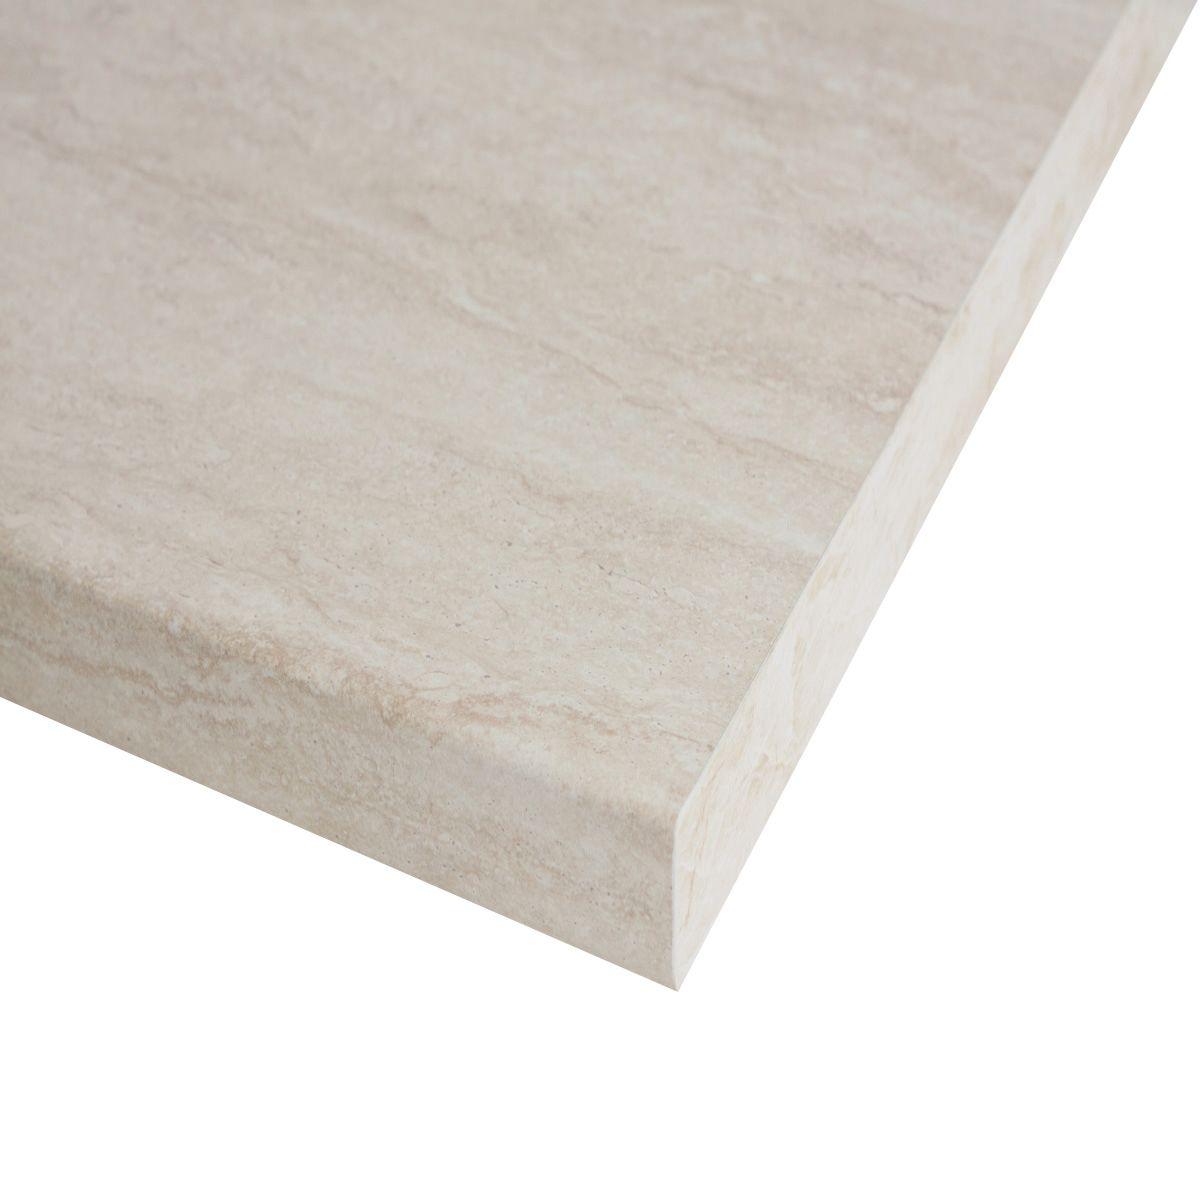 Marmo sintetico per cucine piano di cucina in marmo - Top marmo cucina prezzi ...